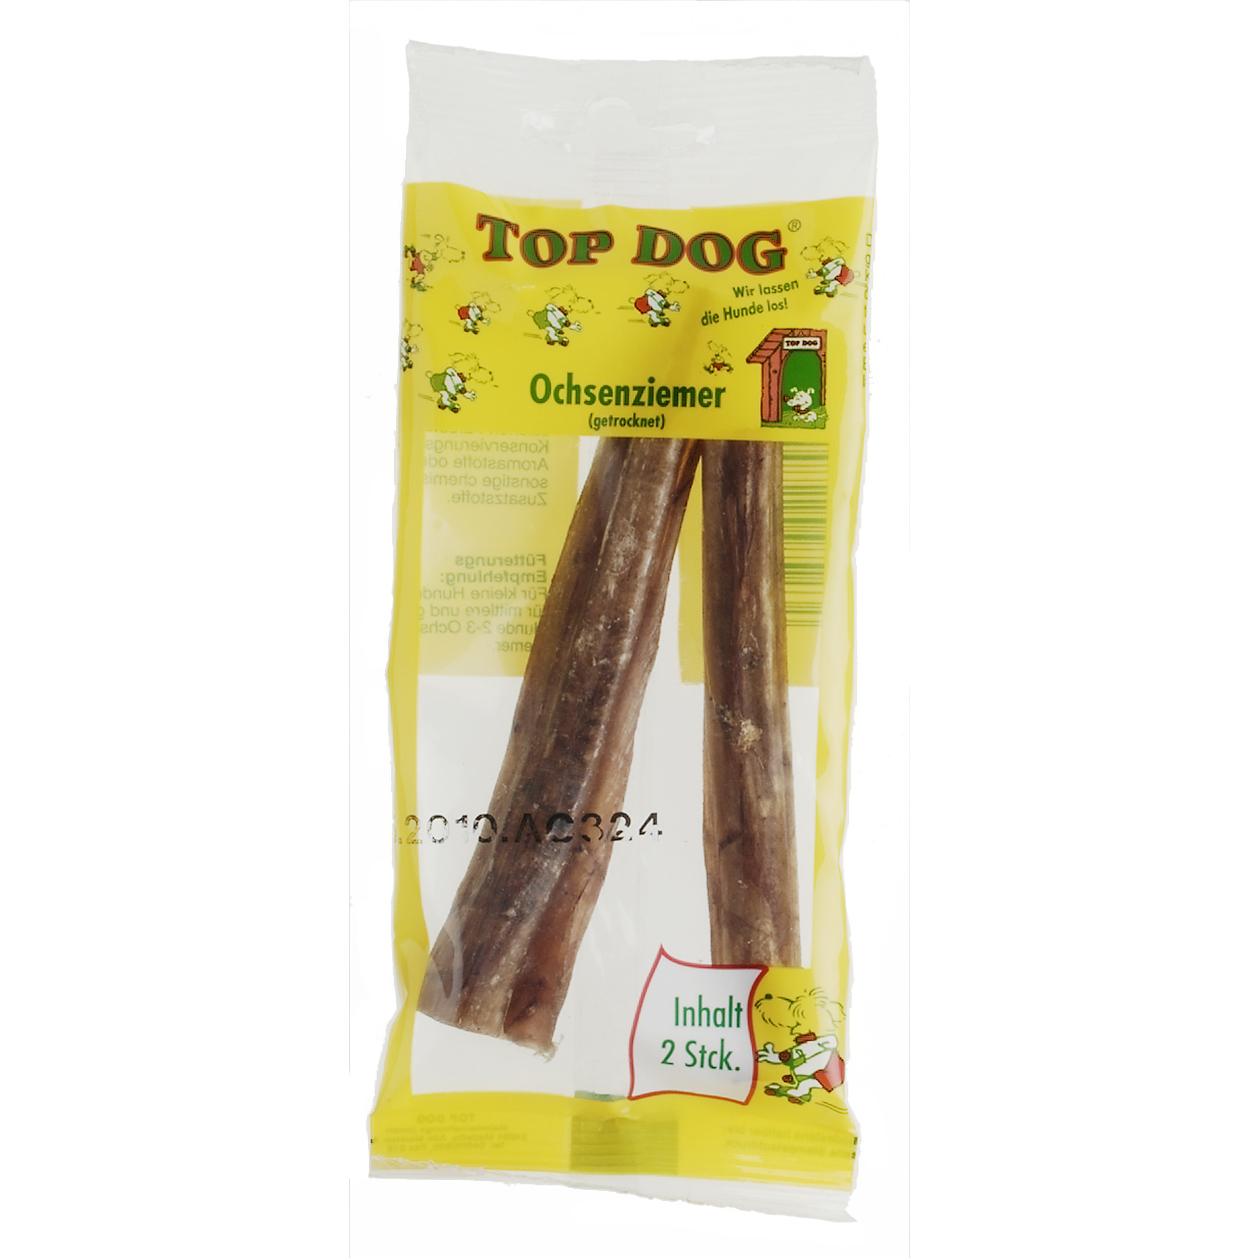 TopDog Top Dog Ochsenziemer